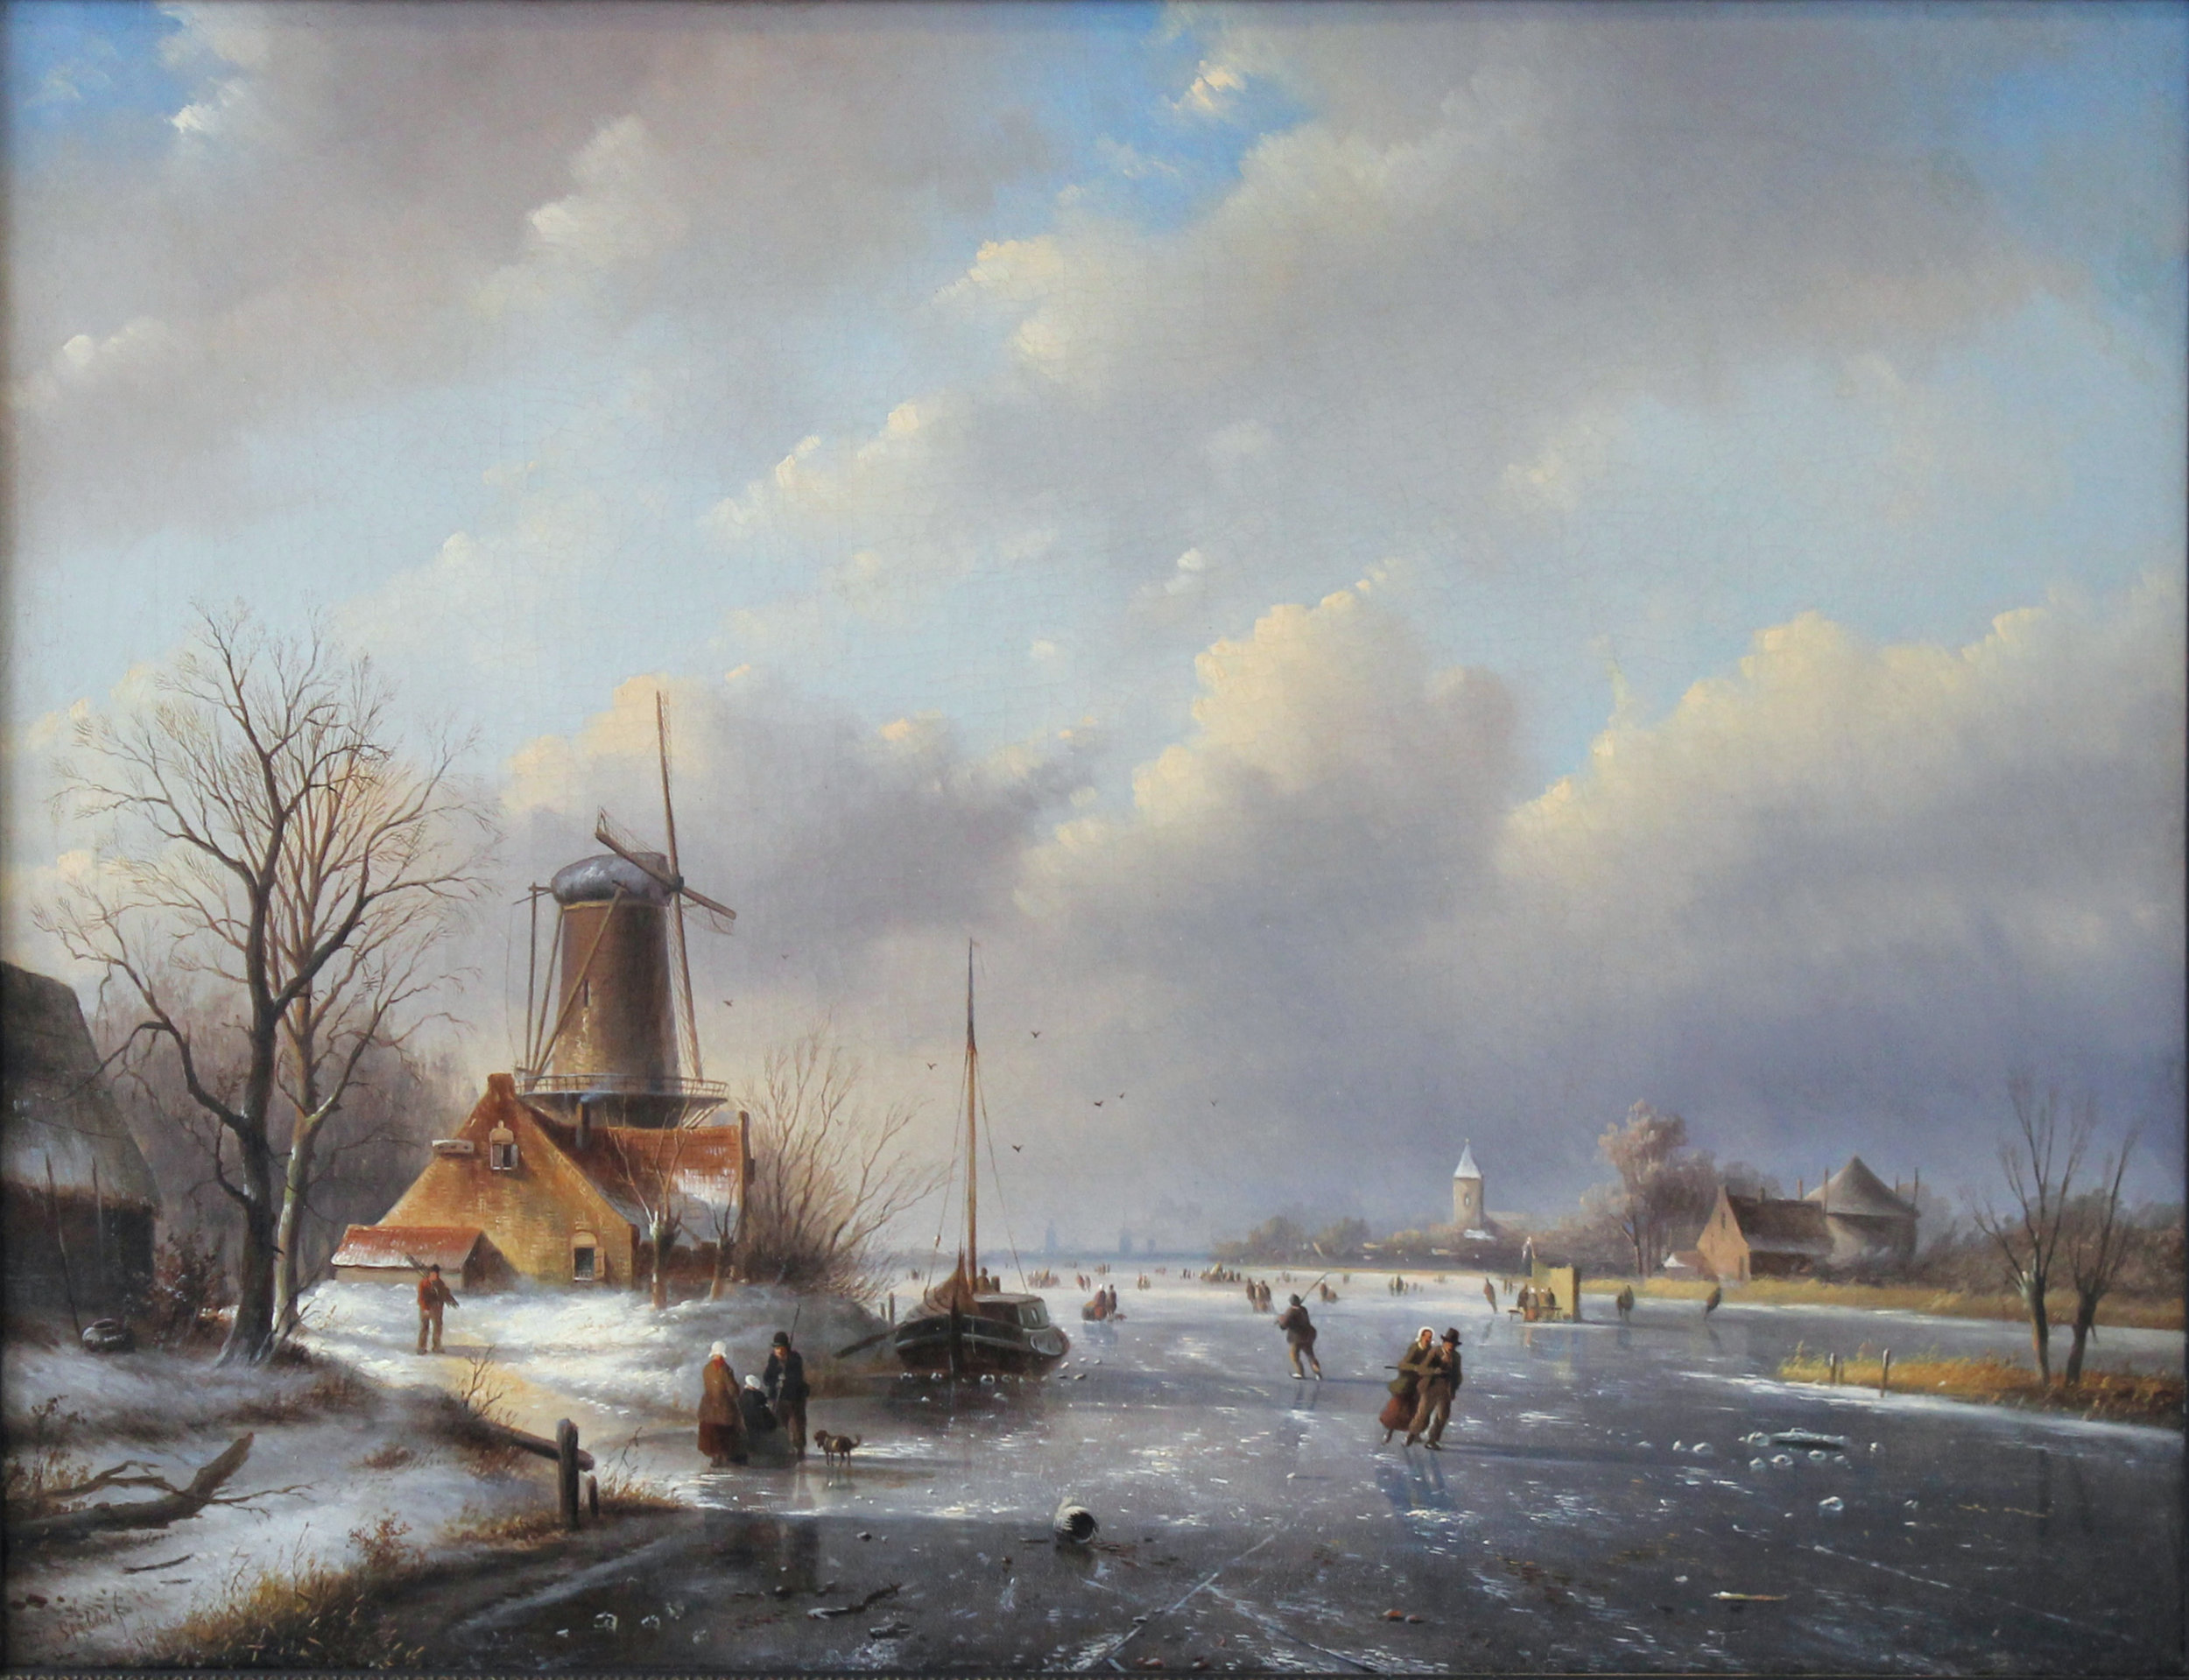 Conservation et restauration de tableaux et peintures sur toile, Bruxelles. Toile restaurée et réparée.JPG